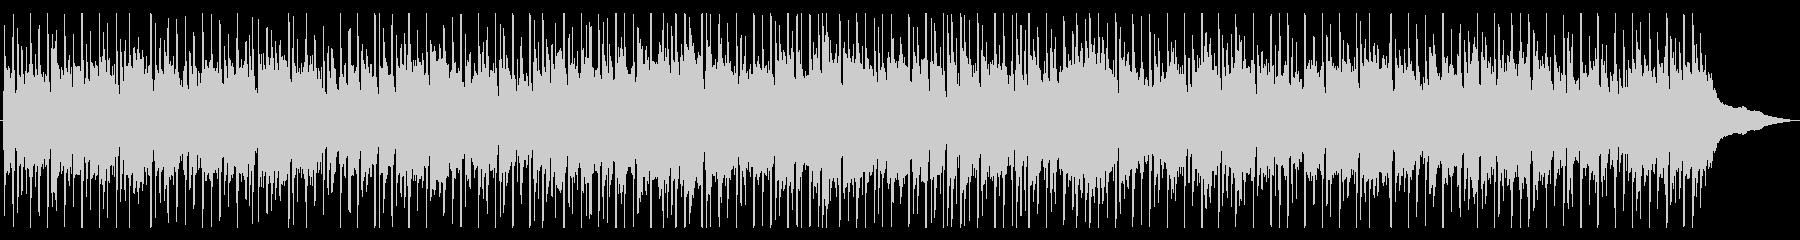 エネルギッシュなアコースティックロックの未再生の波形